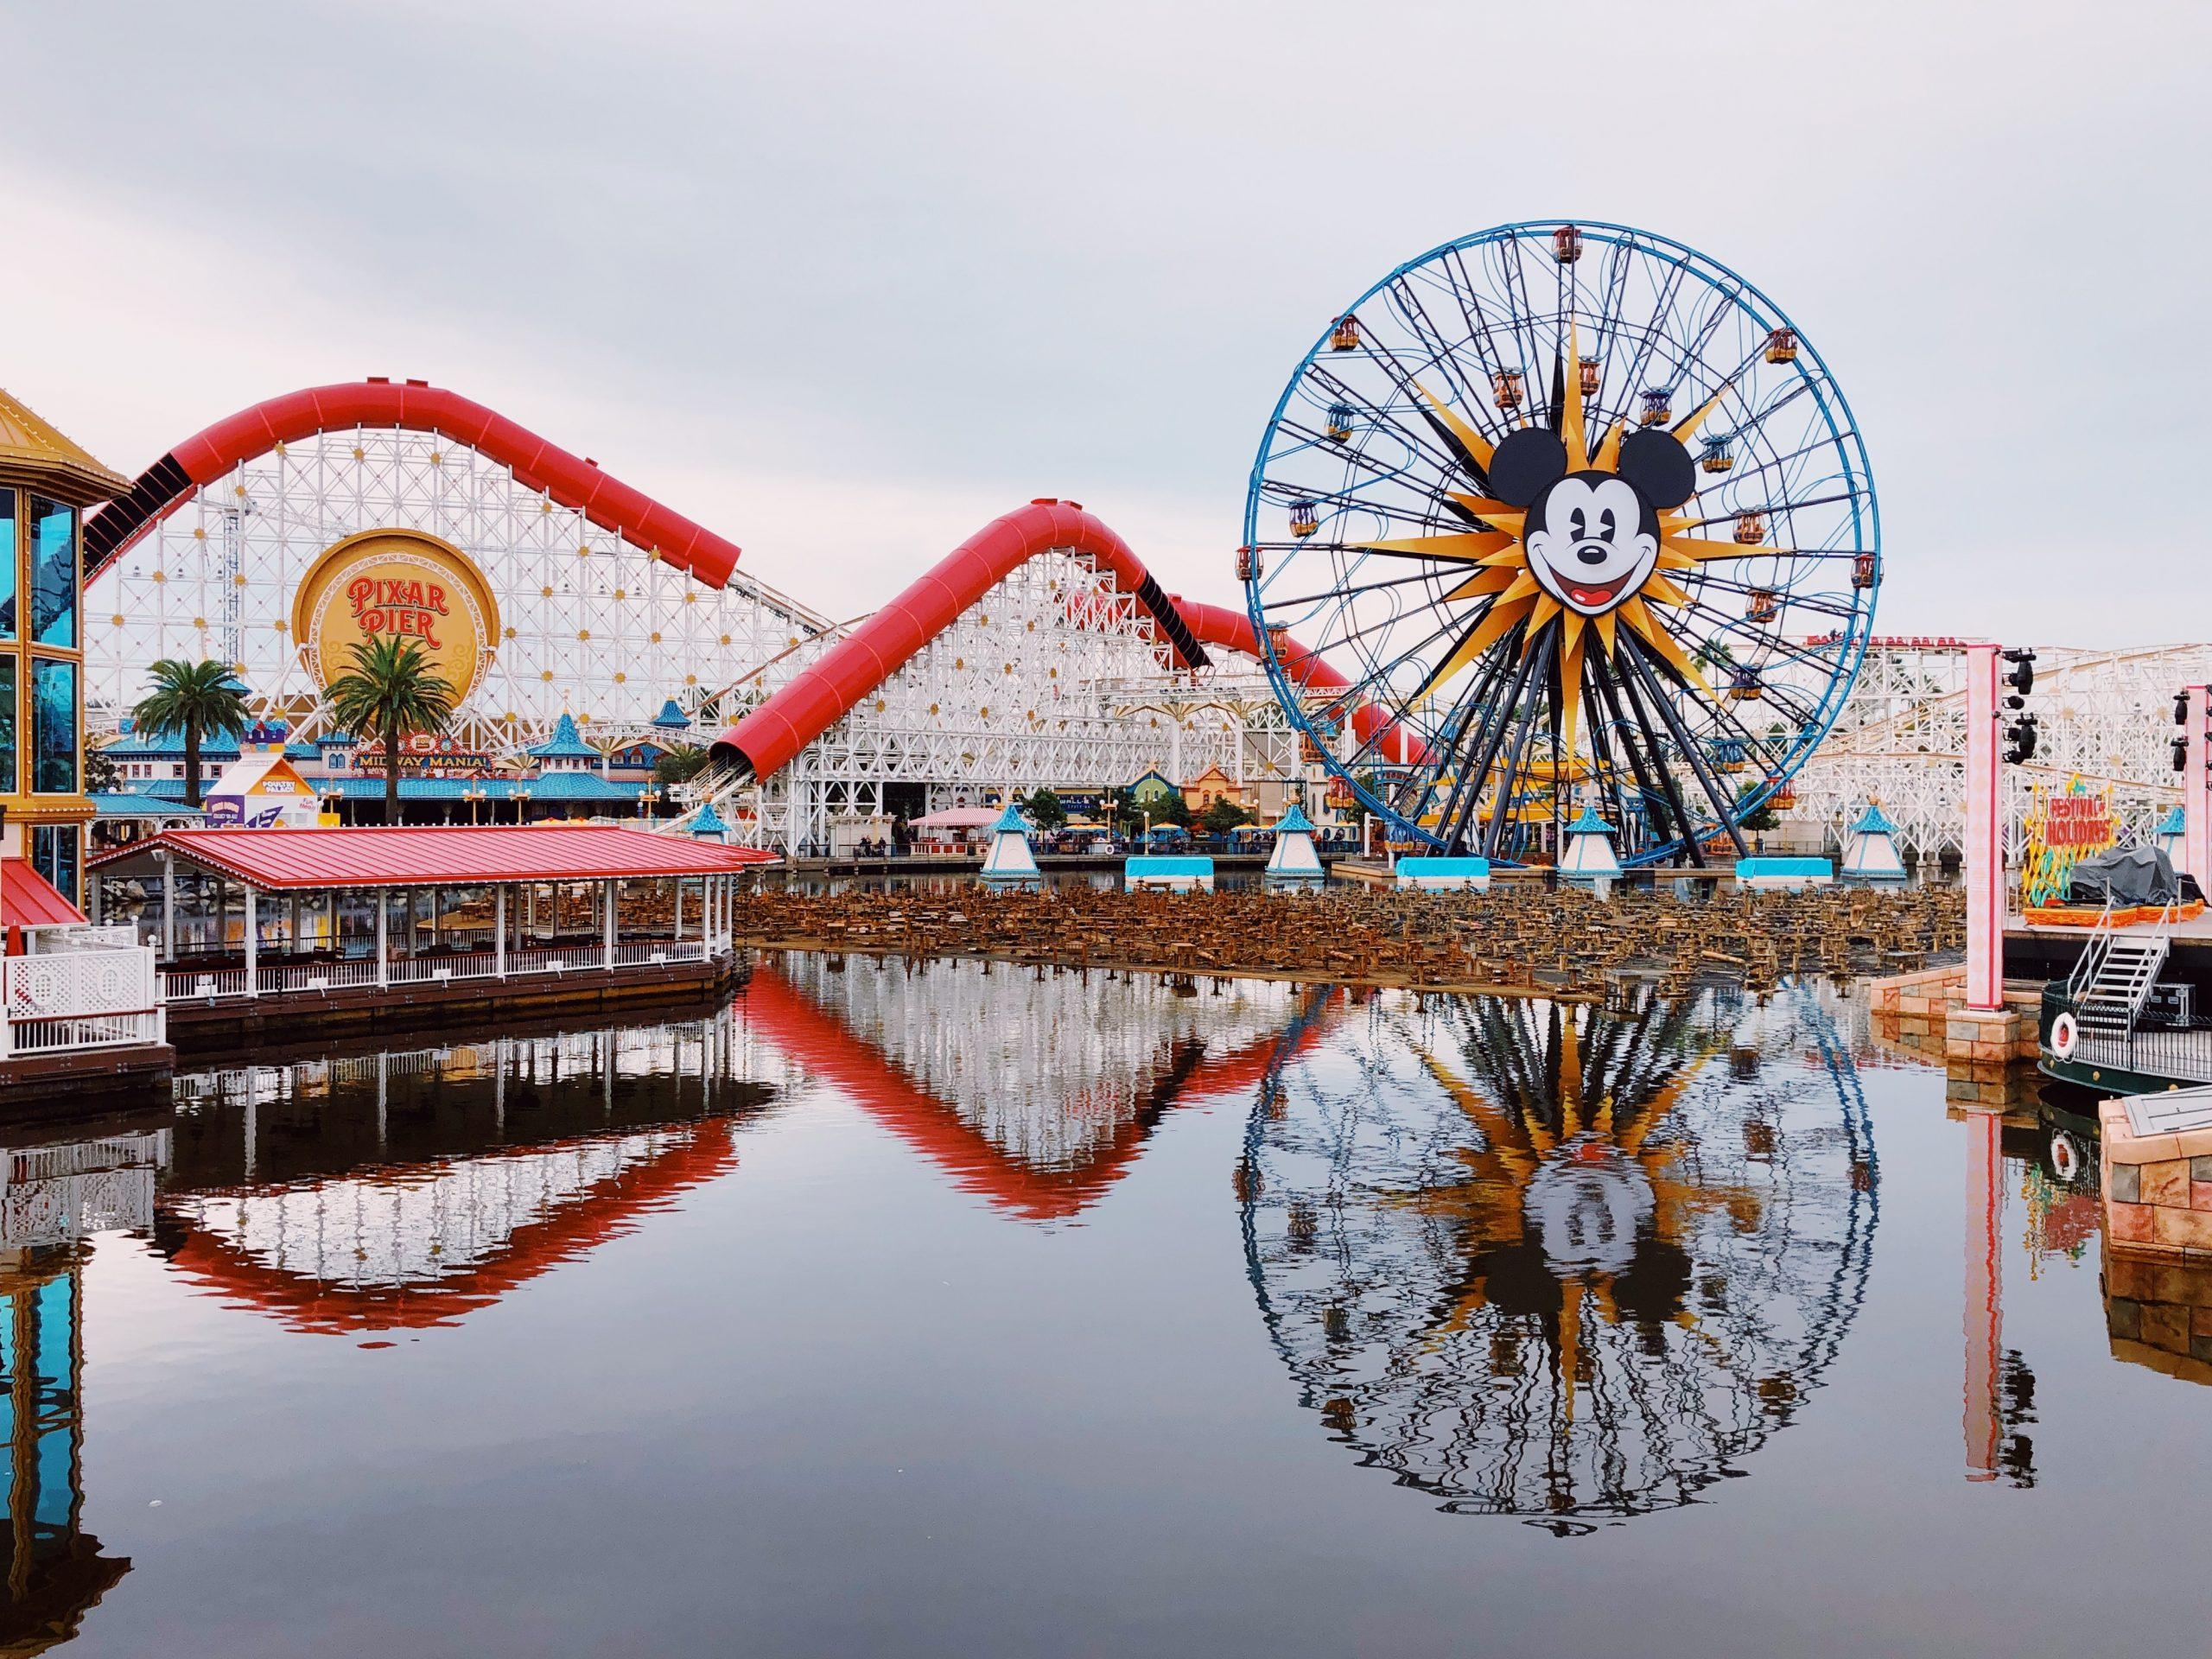 Foto do parque Disney's California Adventure, na Disneyland, mostrando a roda gigante com o rosto do Mickey e o lago que fica em frente a ela.